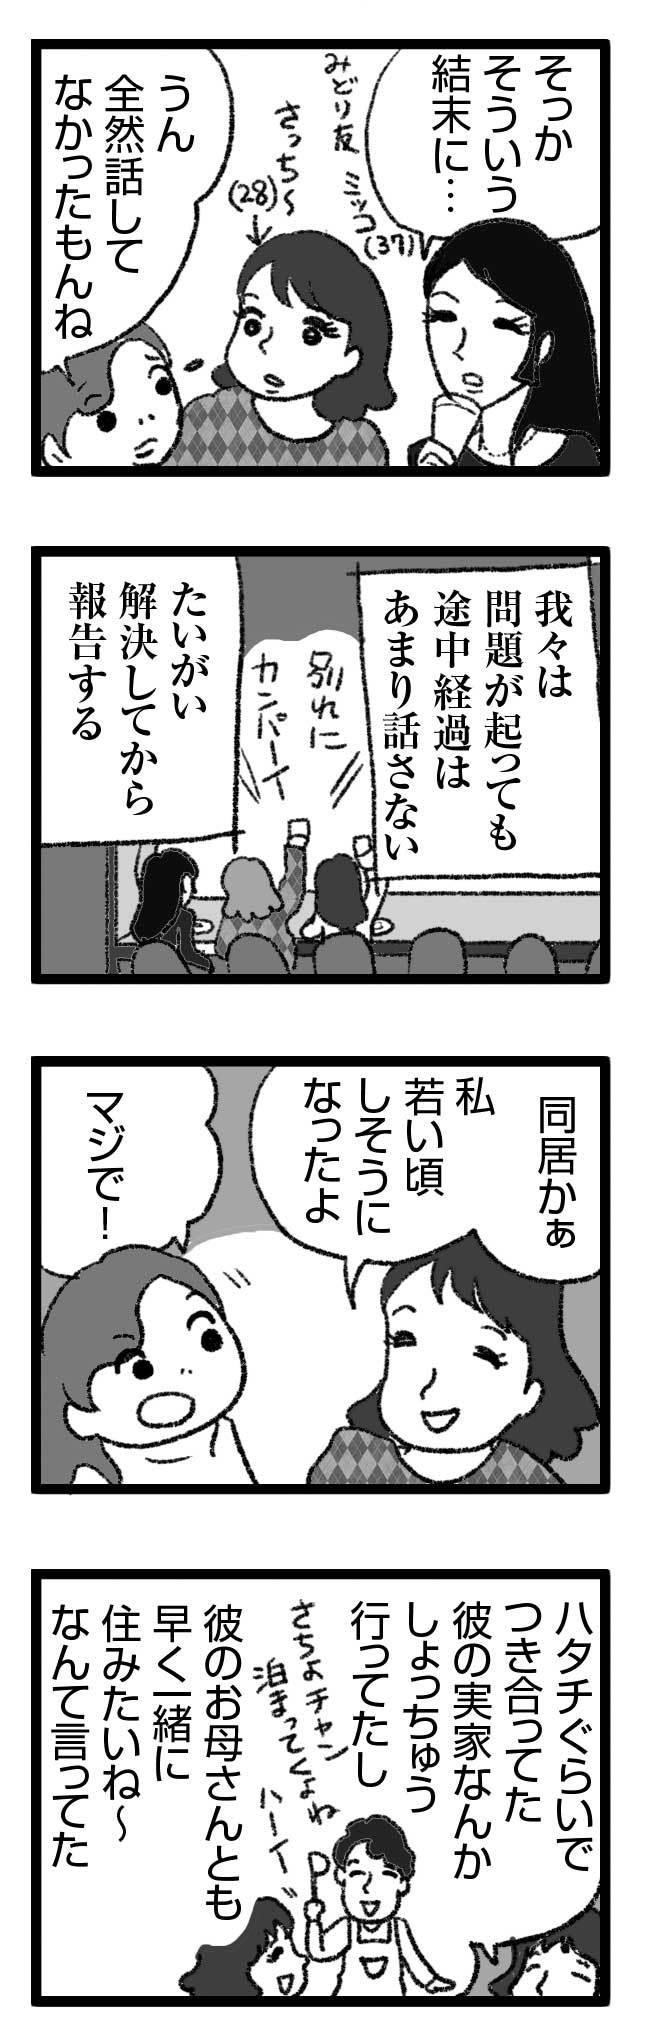 トシオ報告会1 婚活 女子会 失恋 話し合 漫画 まんが マンガ